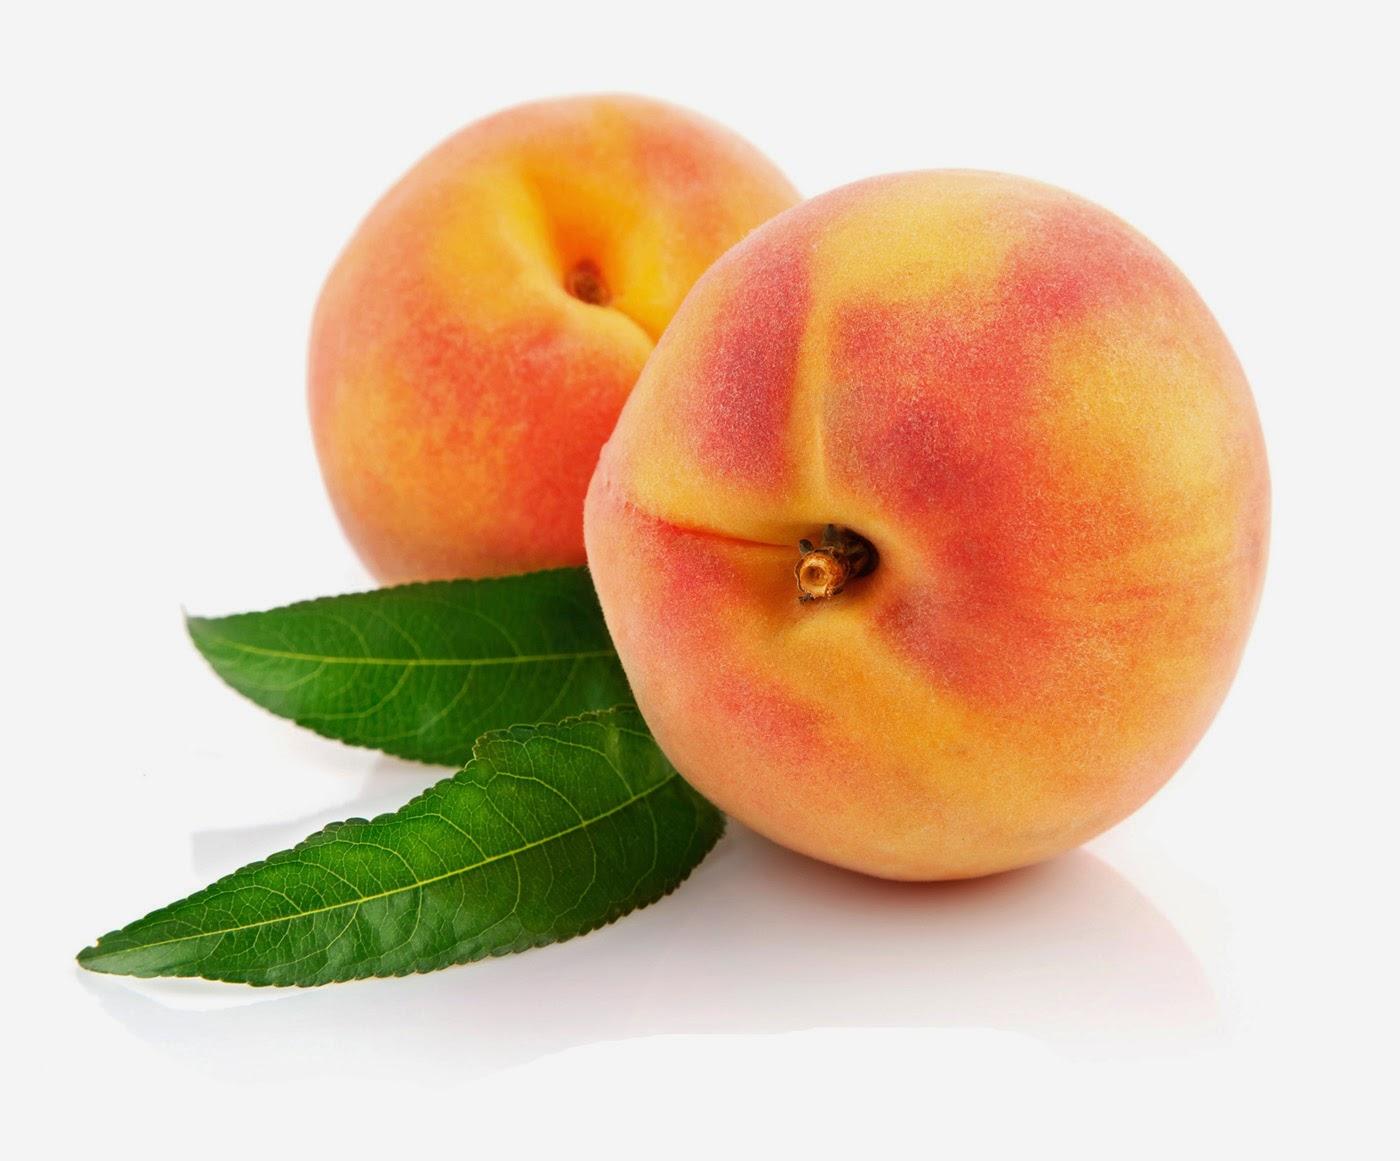 Bajar de peso de manera natural y saludable alimentos ricos